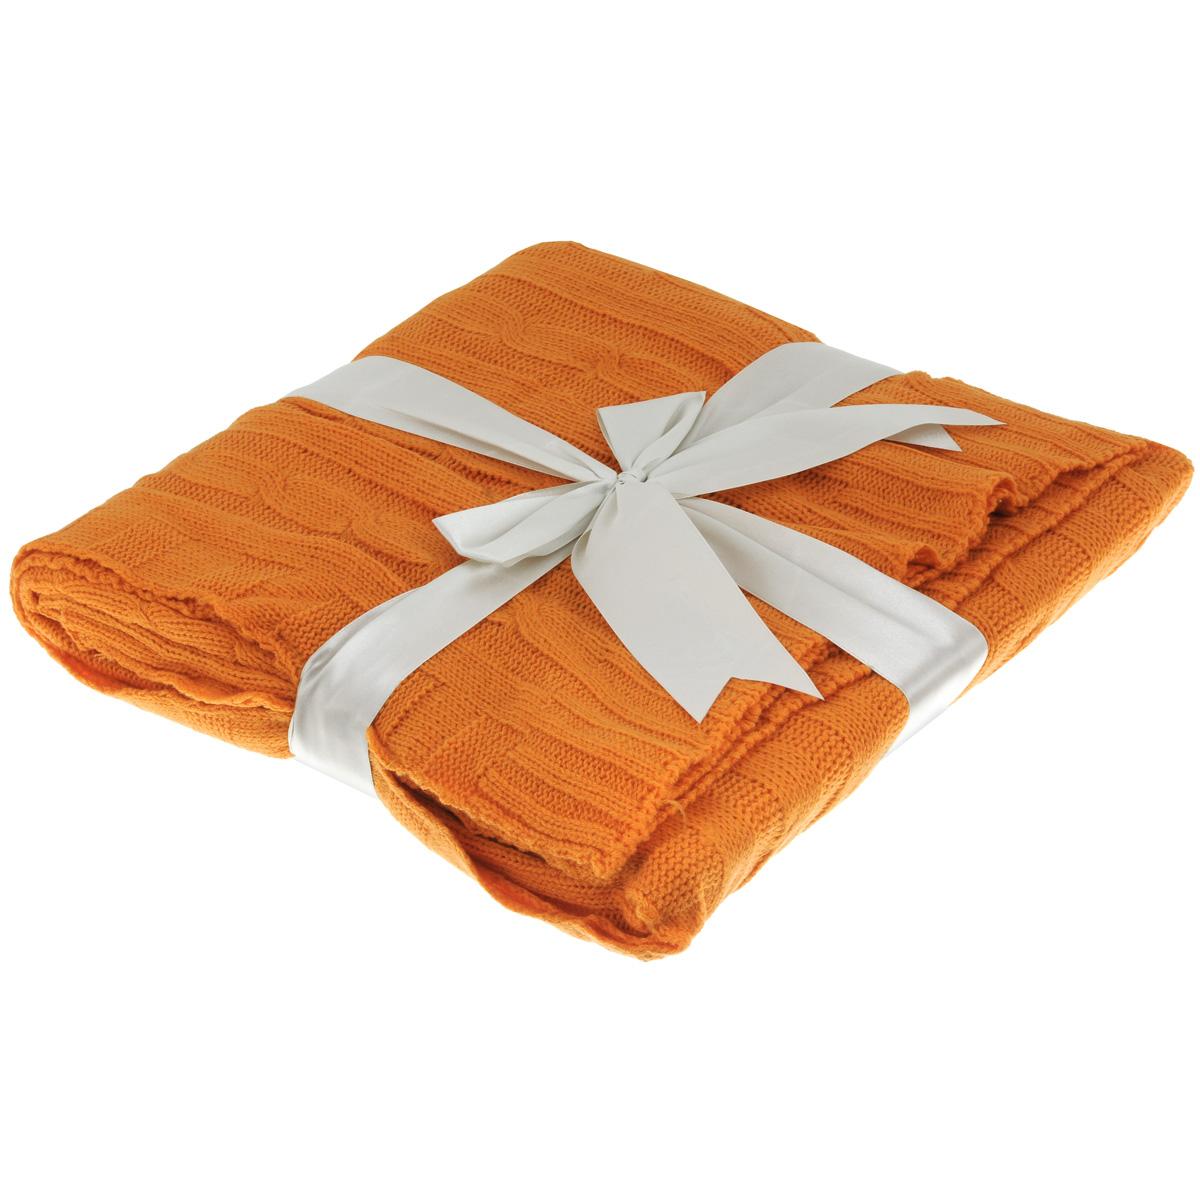 Плед Mona Liza Classic Monet, цвет: оранжевый, 140 х 180 см520403/3Оригинальный вязаный плед Mona Liza Classic Monet послужит теплым, мягким и практичным подарком близким людям. Плед изготовлен из высококачественного 100% акрила.Яркий и приятный на ощупь плед Mona Liza Classic Monet станет отличным дополнением в вашем интерьере.